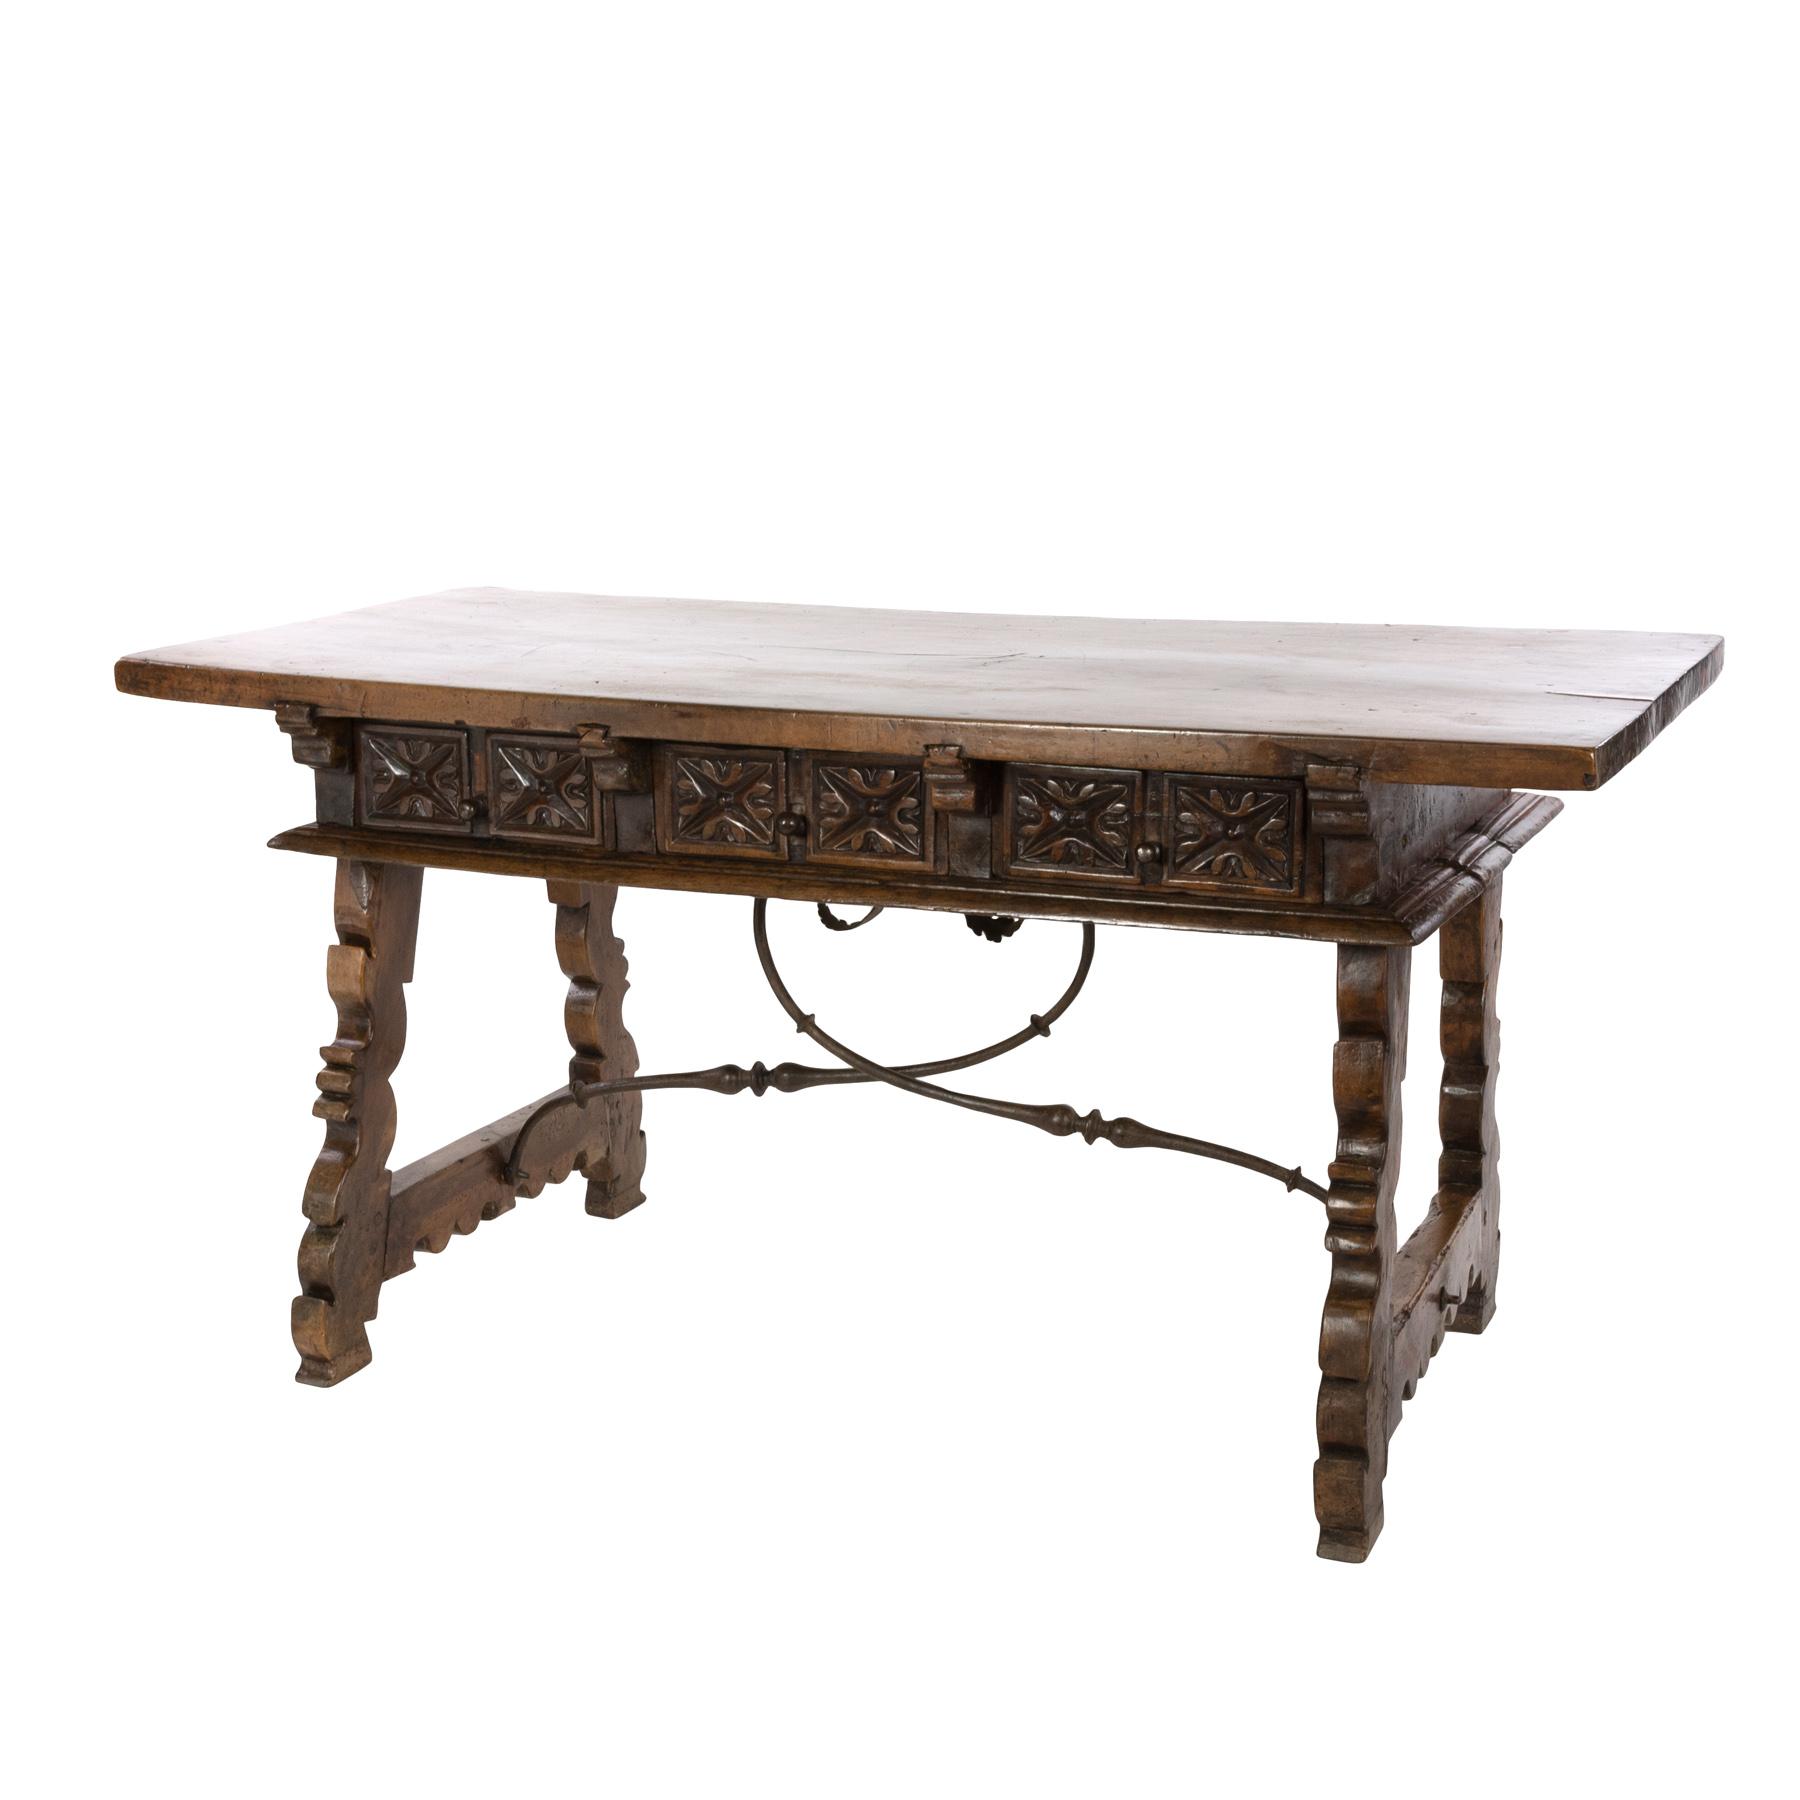 Spain Table